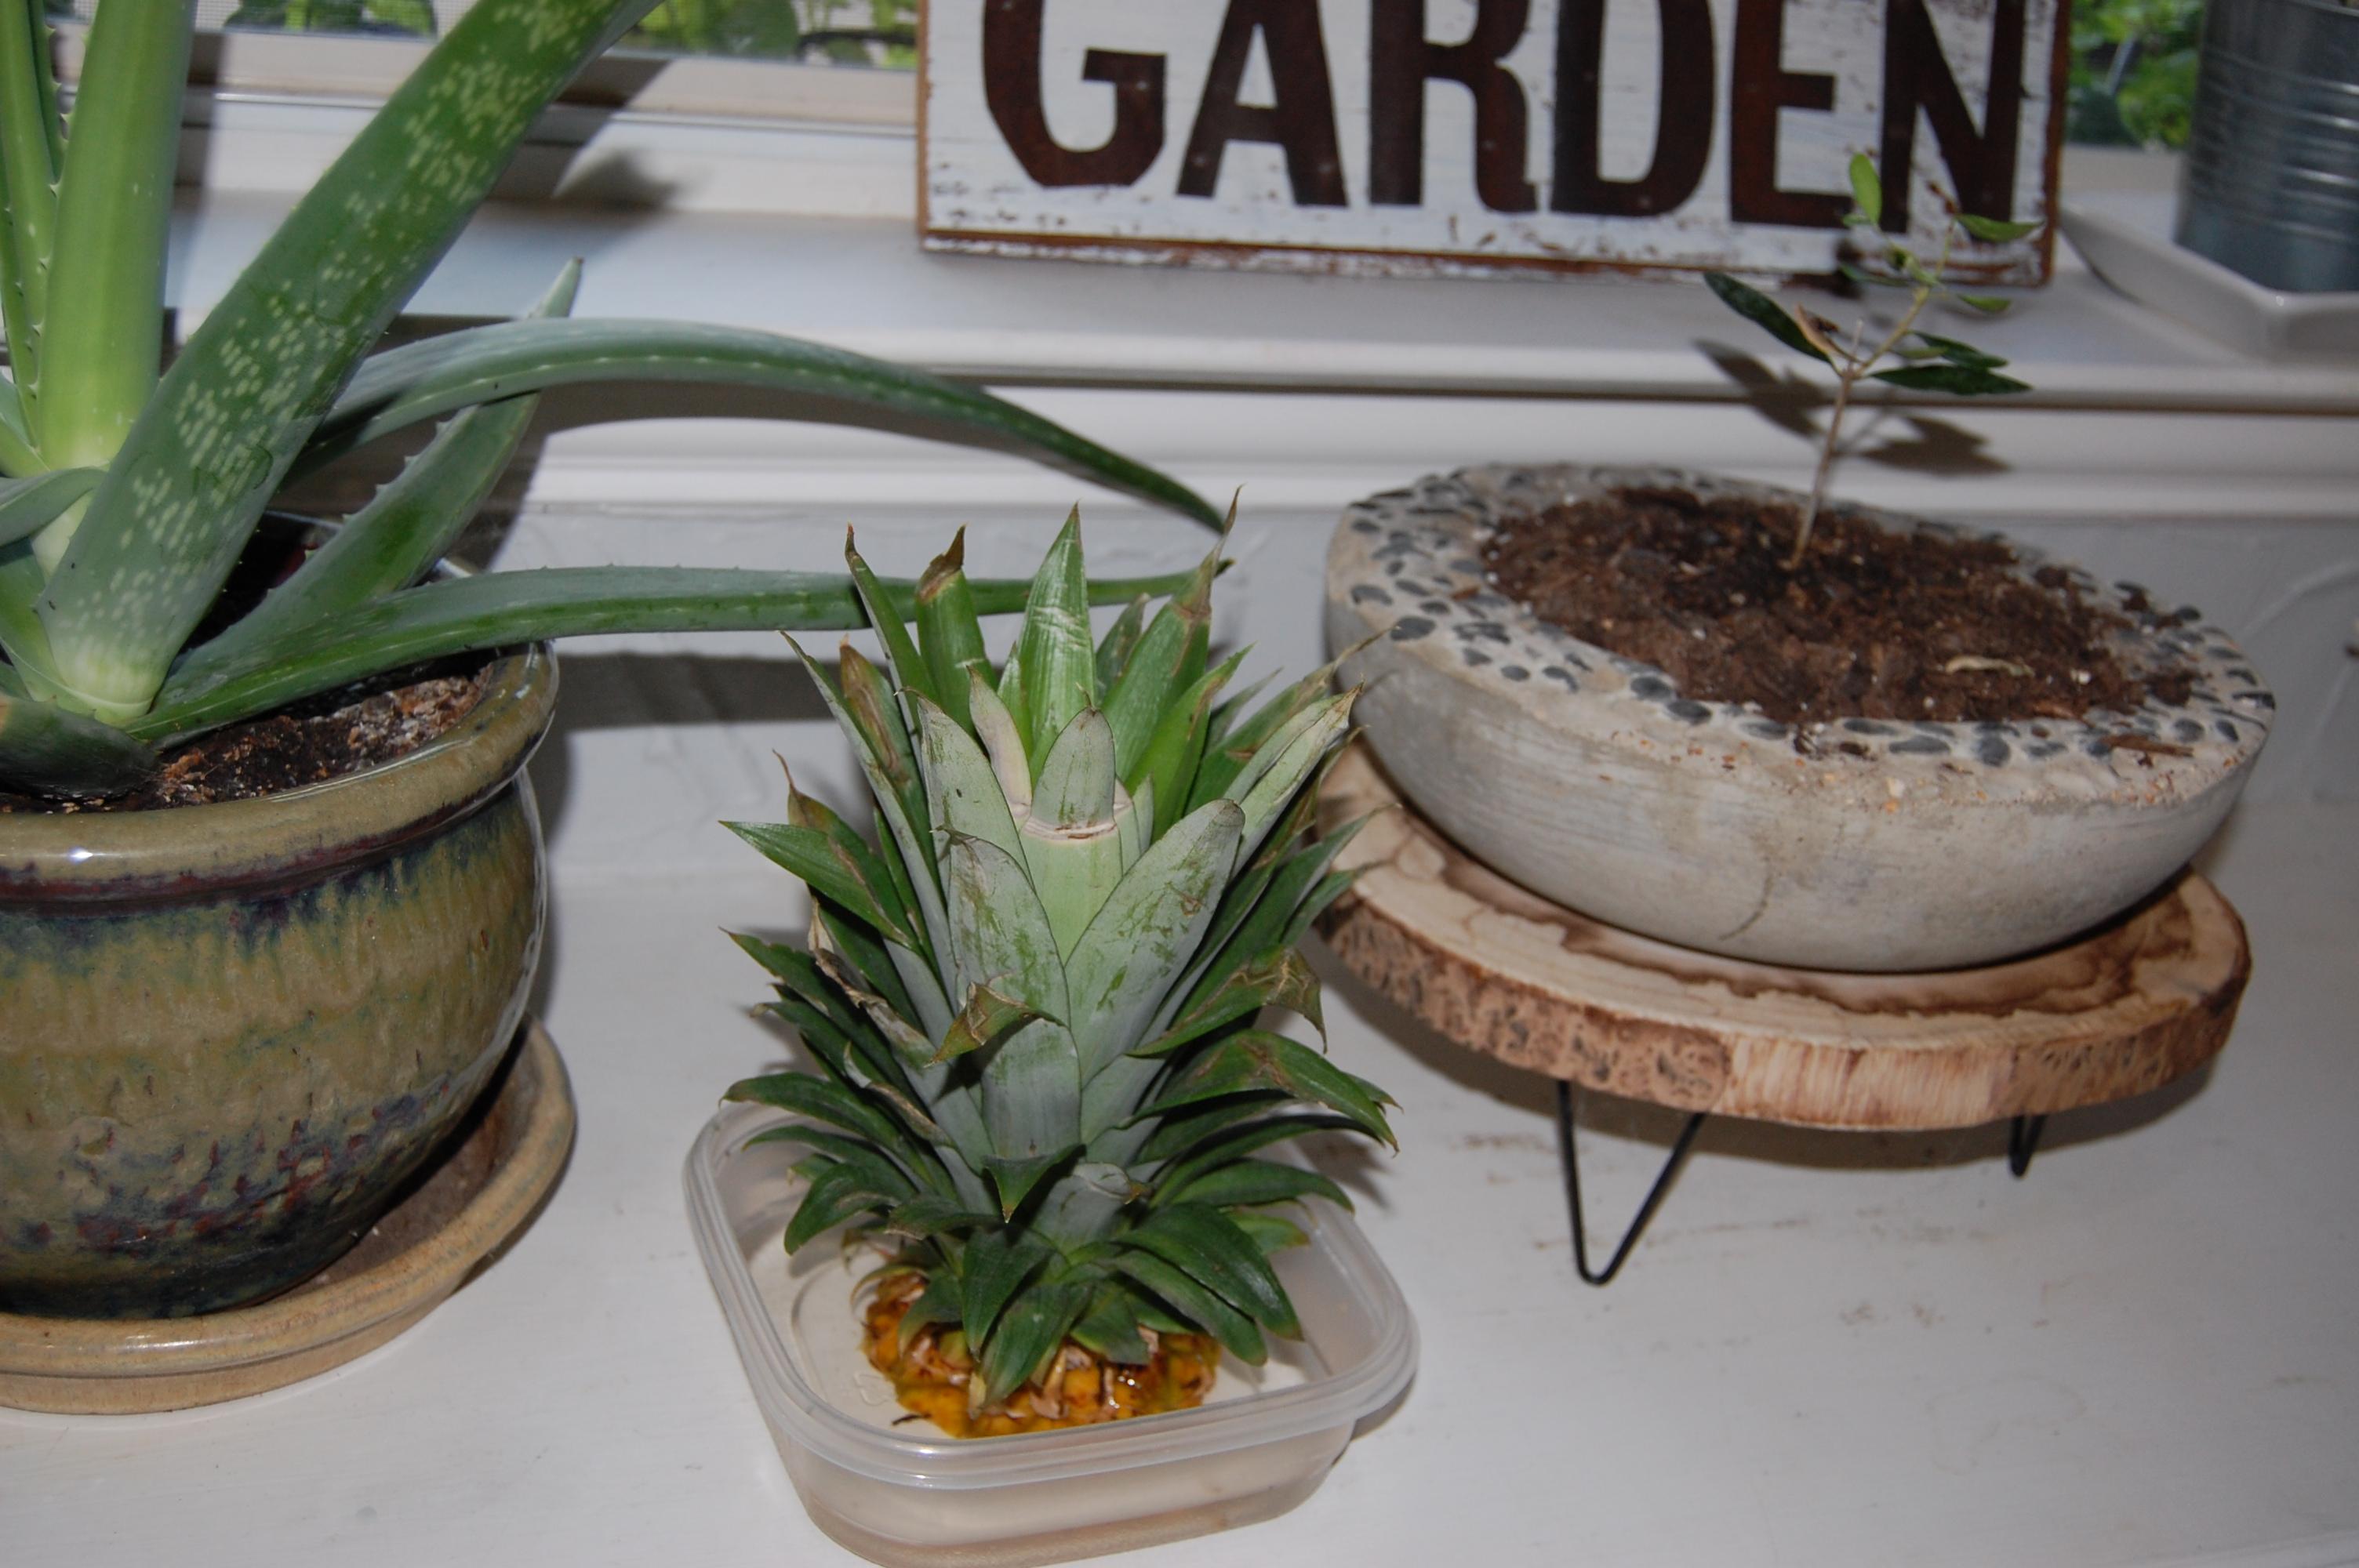 Garden for Free Part III - Pineapple